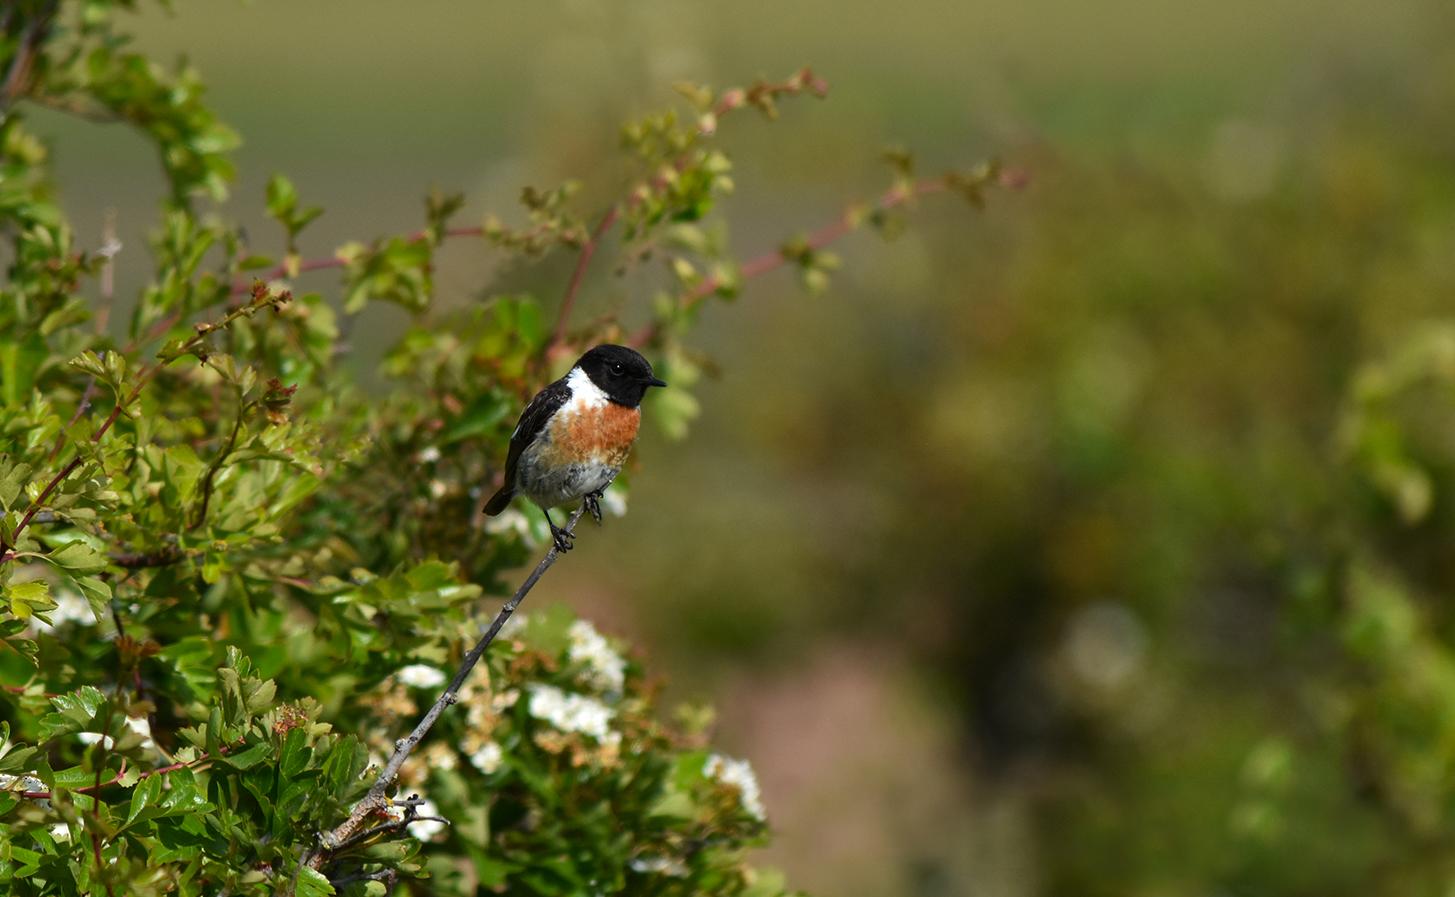 Een prachtige vogel die we hier vaak tegenkomen op onze zwerftocht – Foto: ©Louis Fraanje